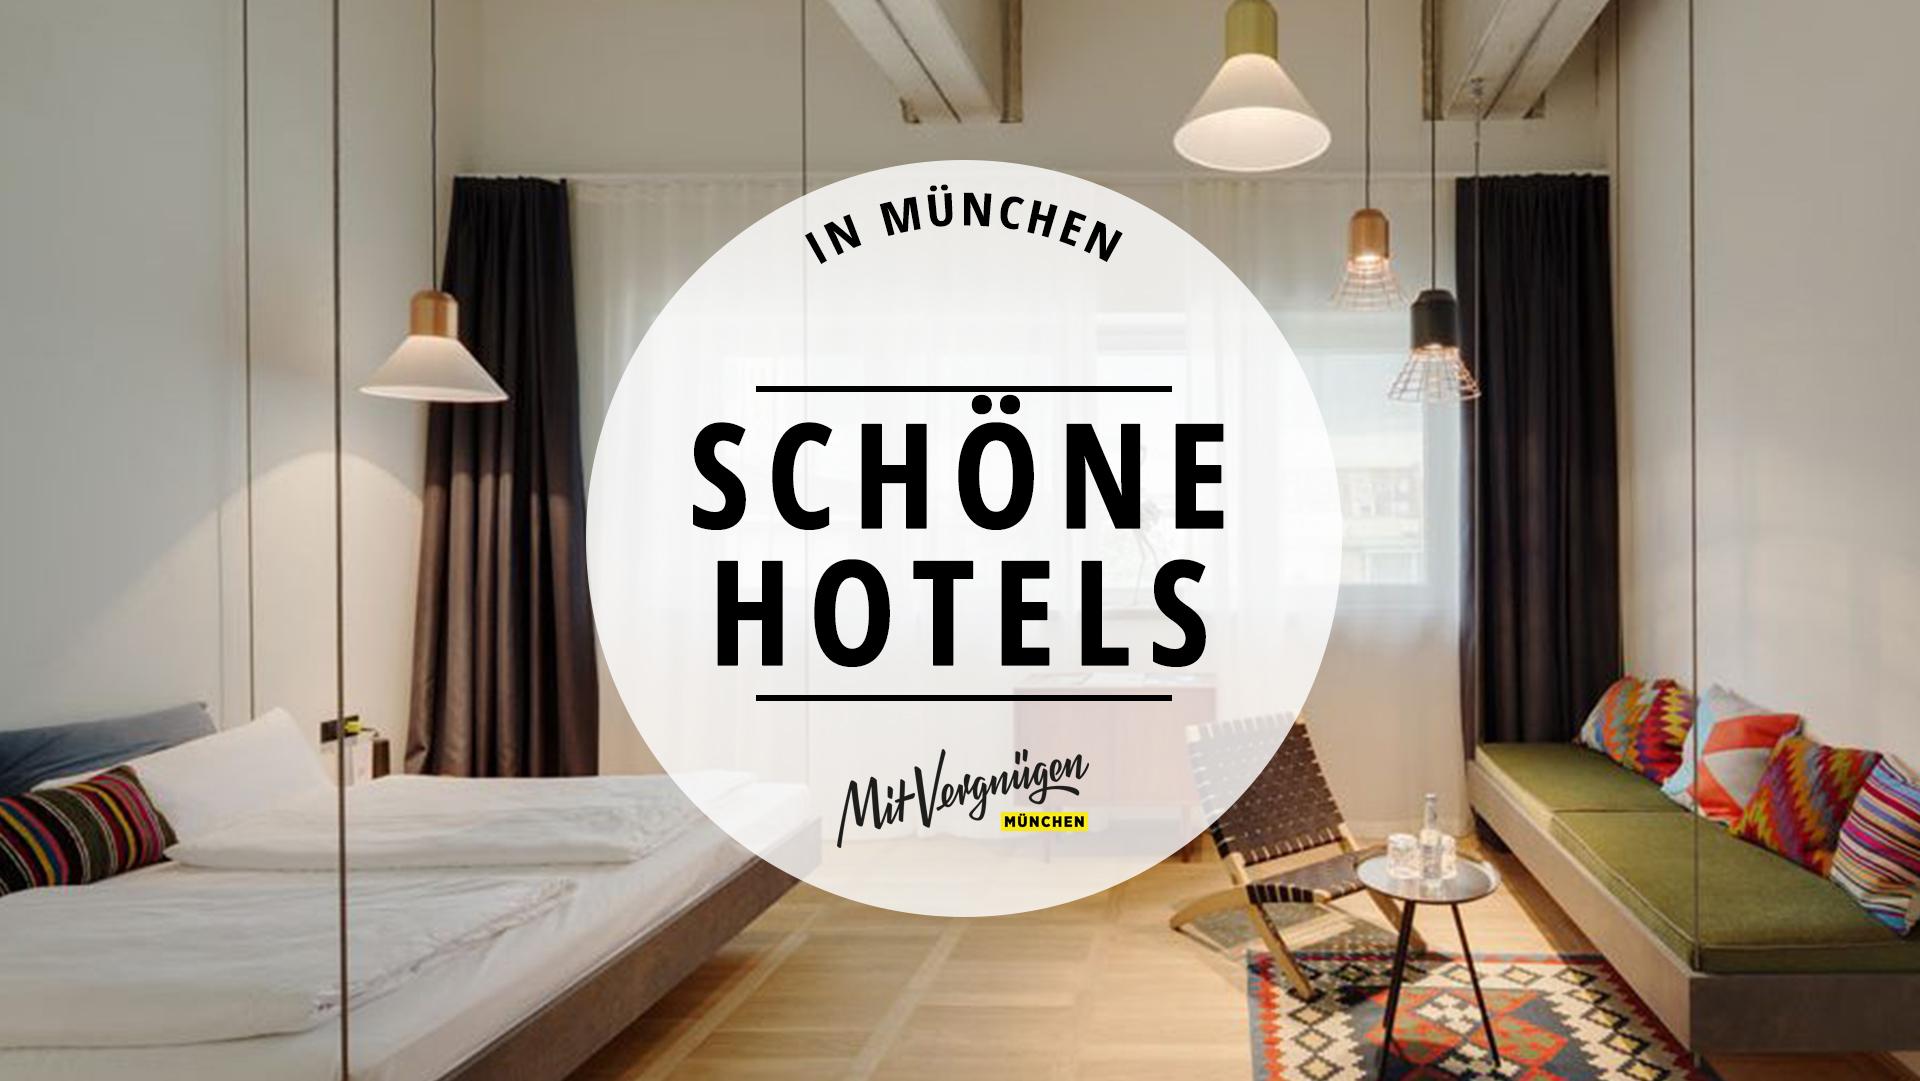 11 Sehr Schöne Und Bezahlbare Hotels In München Mit Vergnügen München